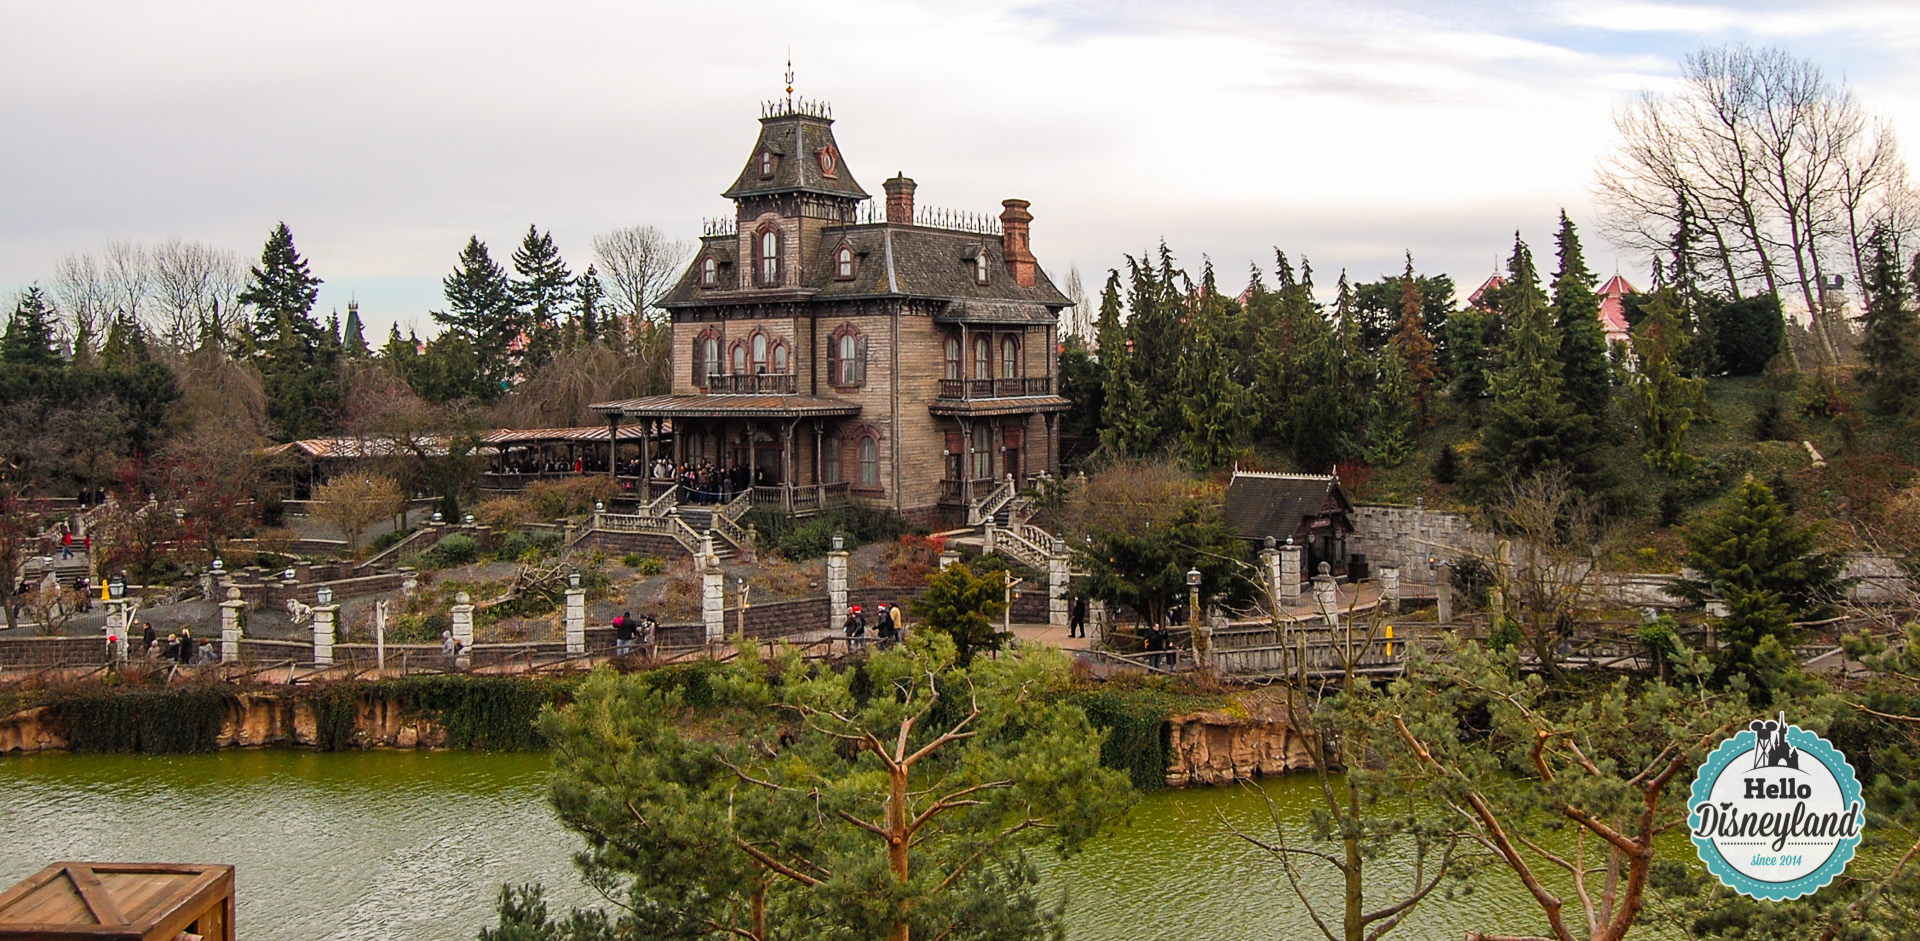 Hello disneyland le blog n 1 sur disneyland paris dlp - La maison hantee paris ...